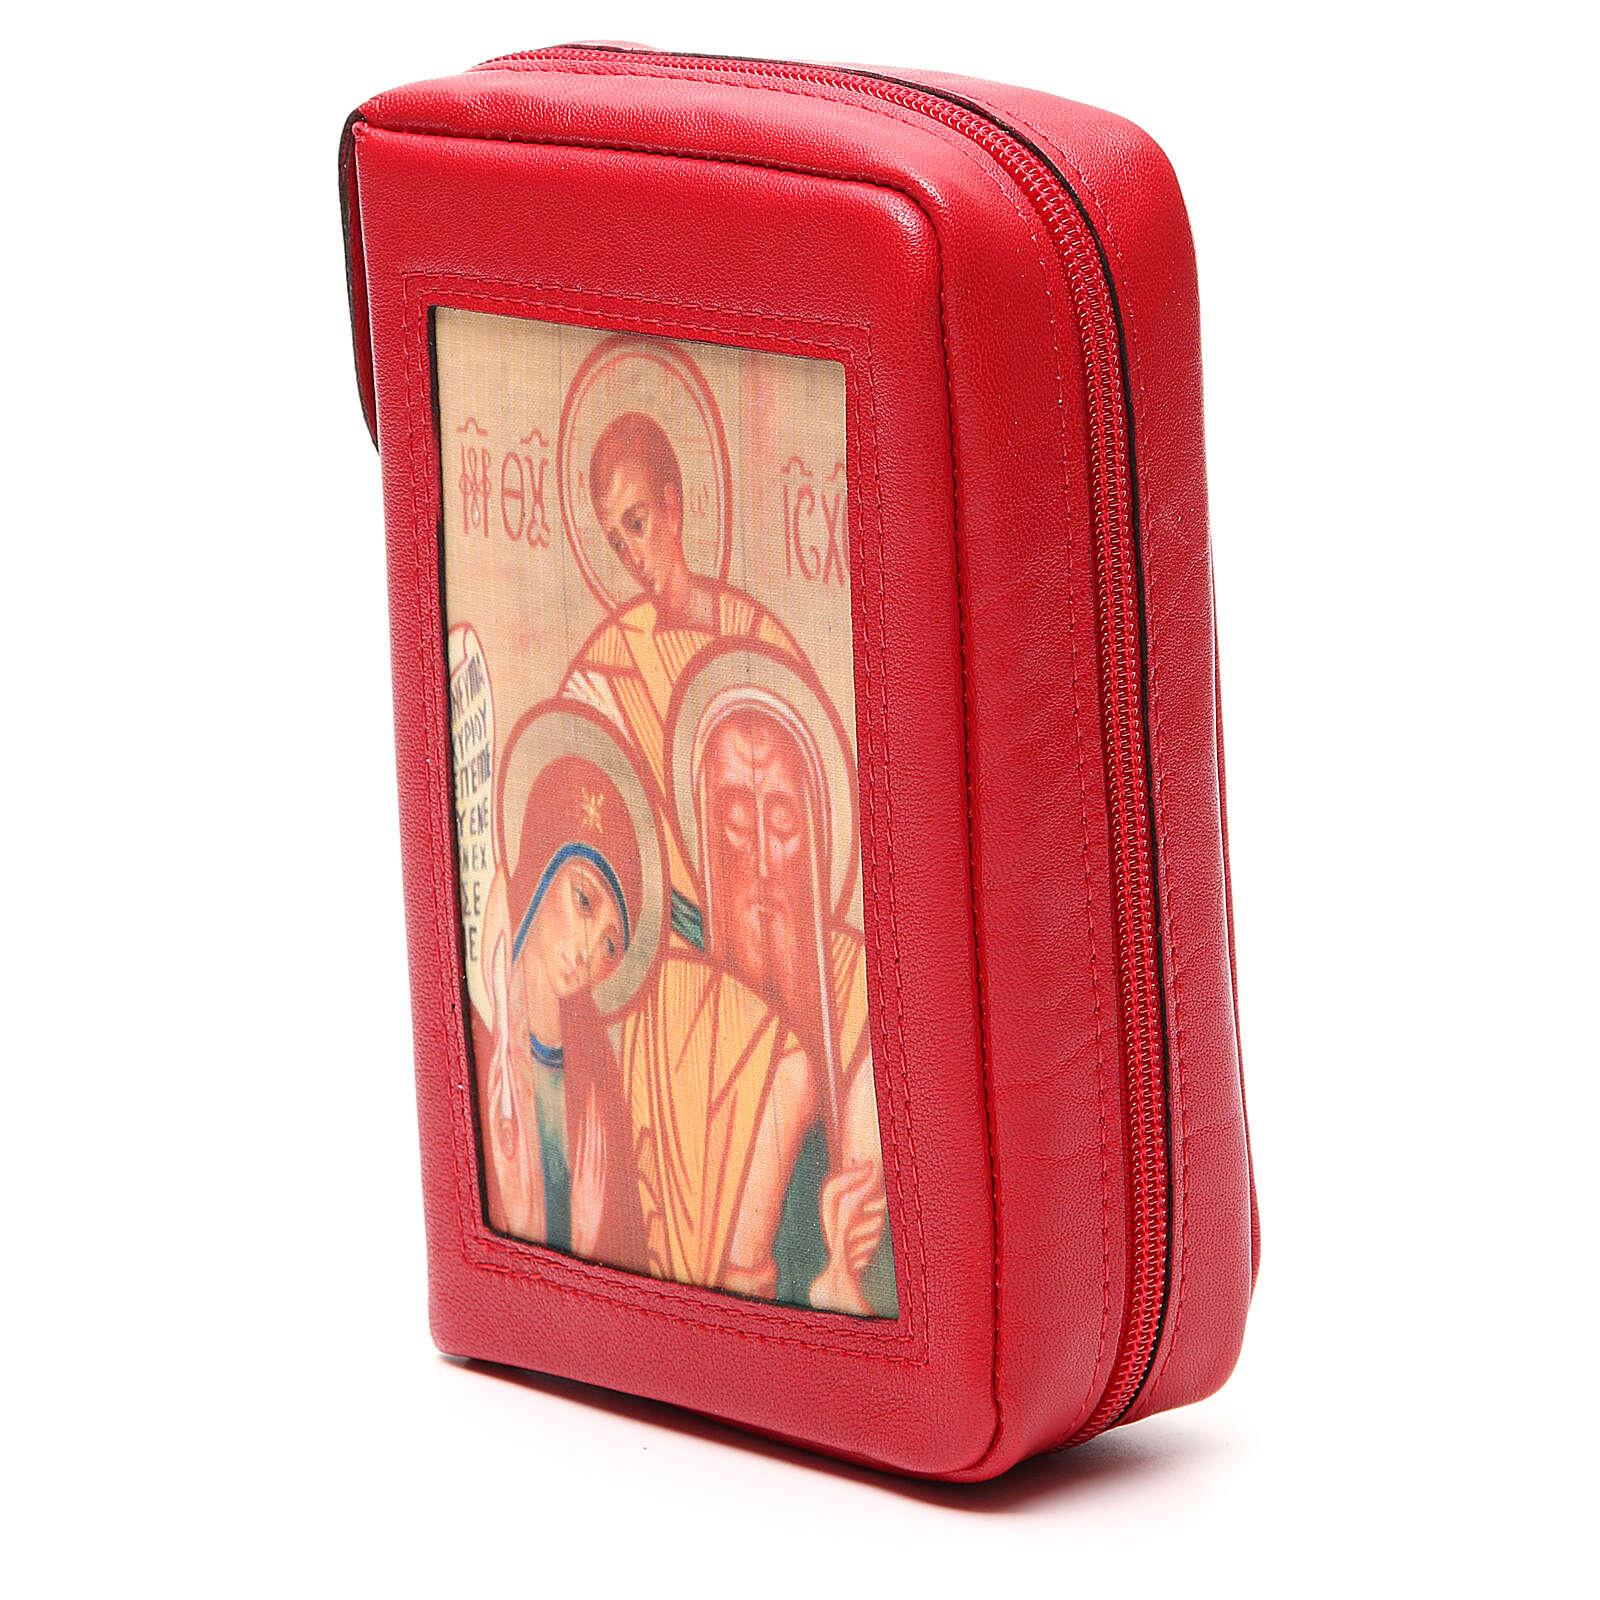 Capa Liturgia Horas 4 vol. vermelha Sagrada Família Neocatecumenal fecho de correr 4